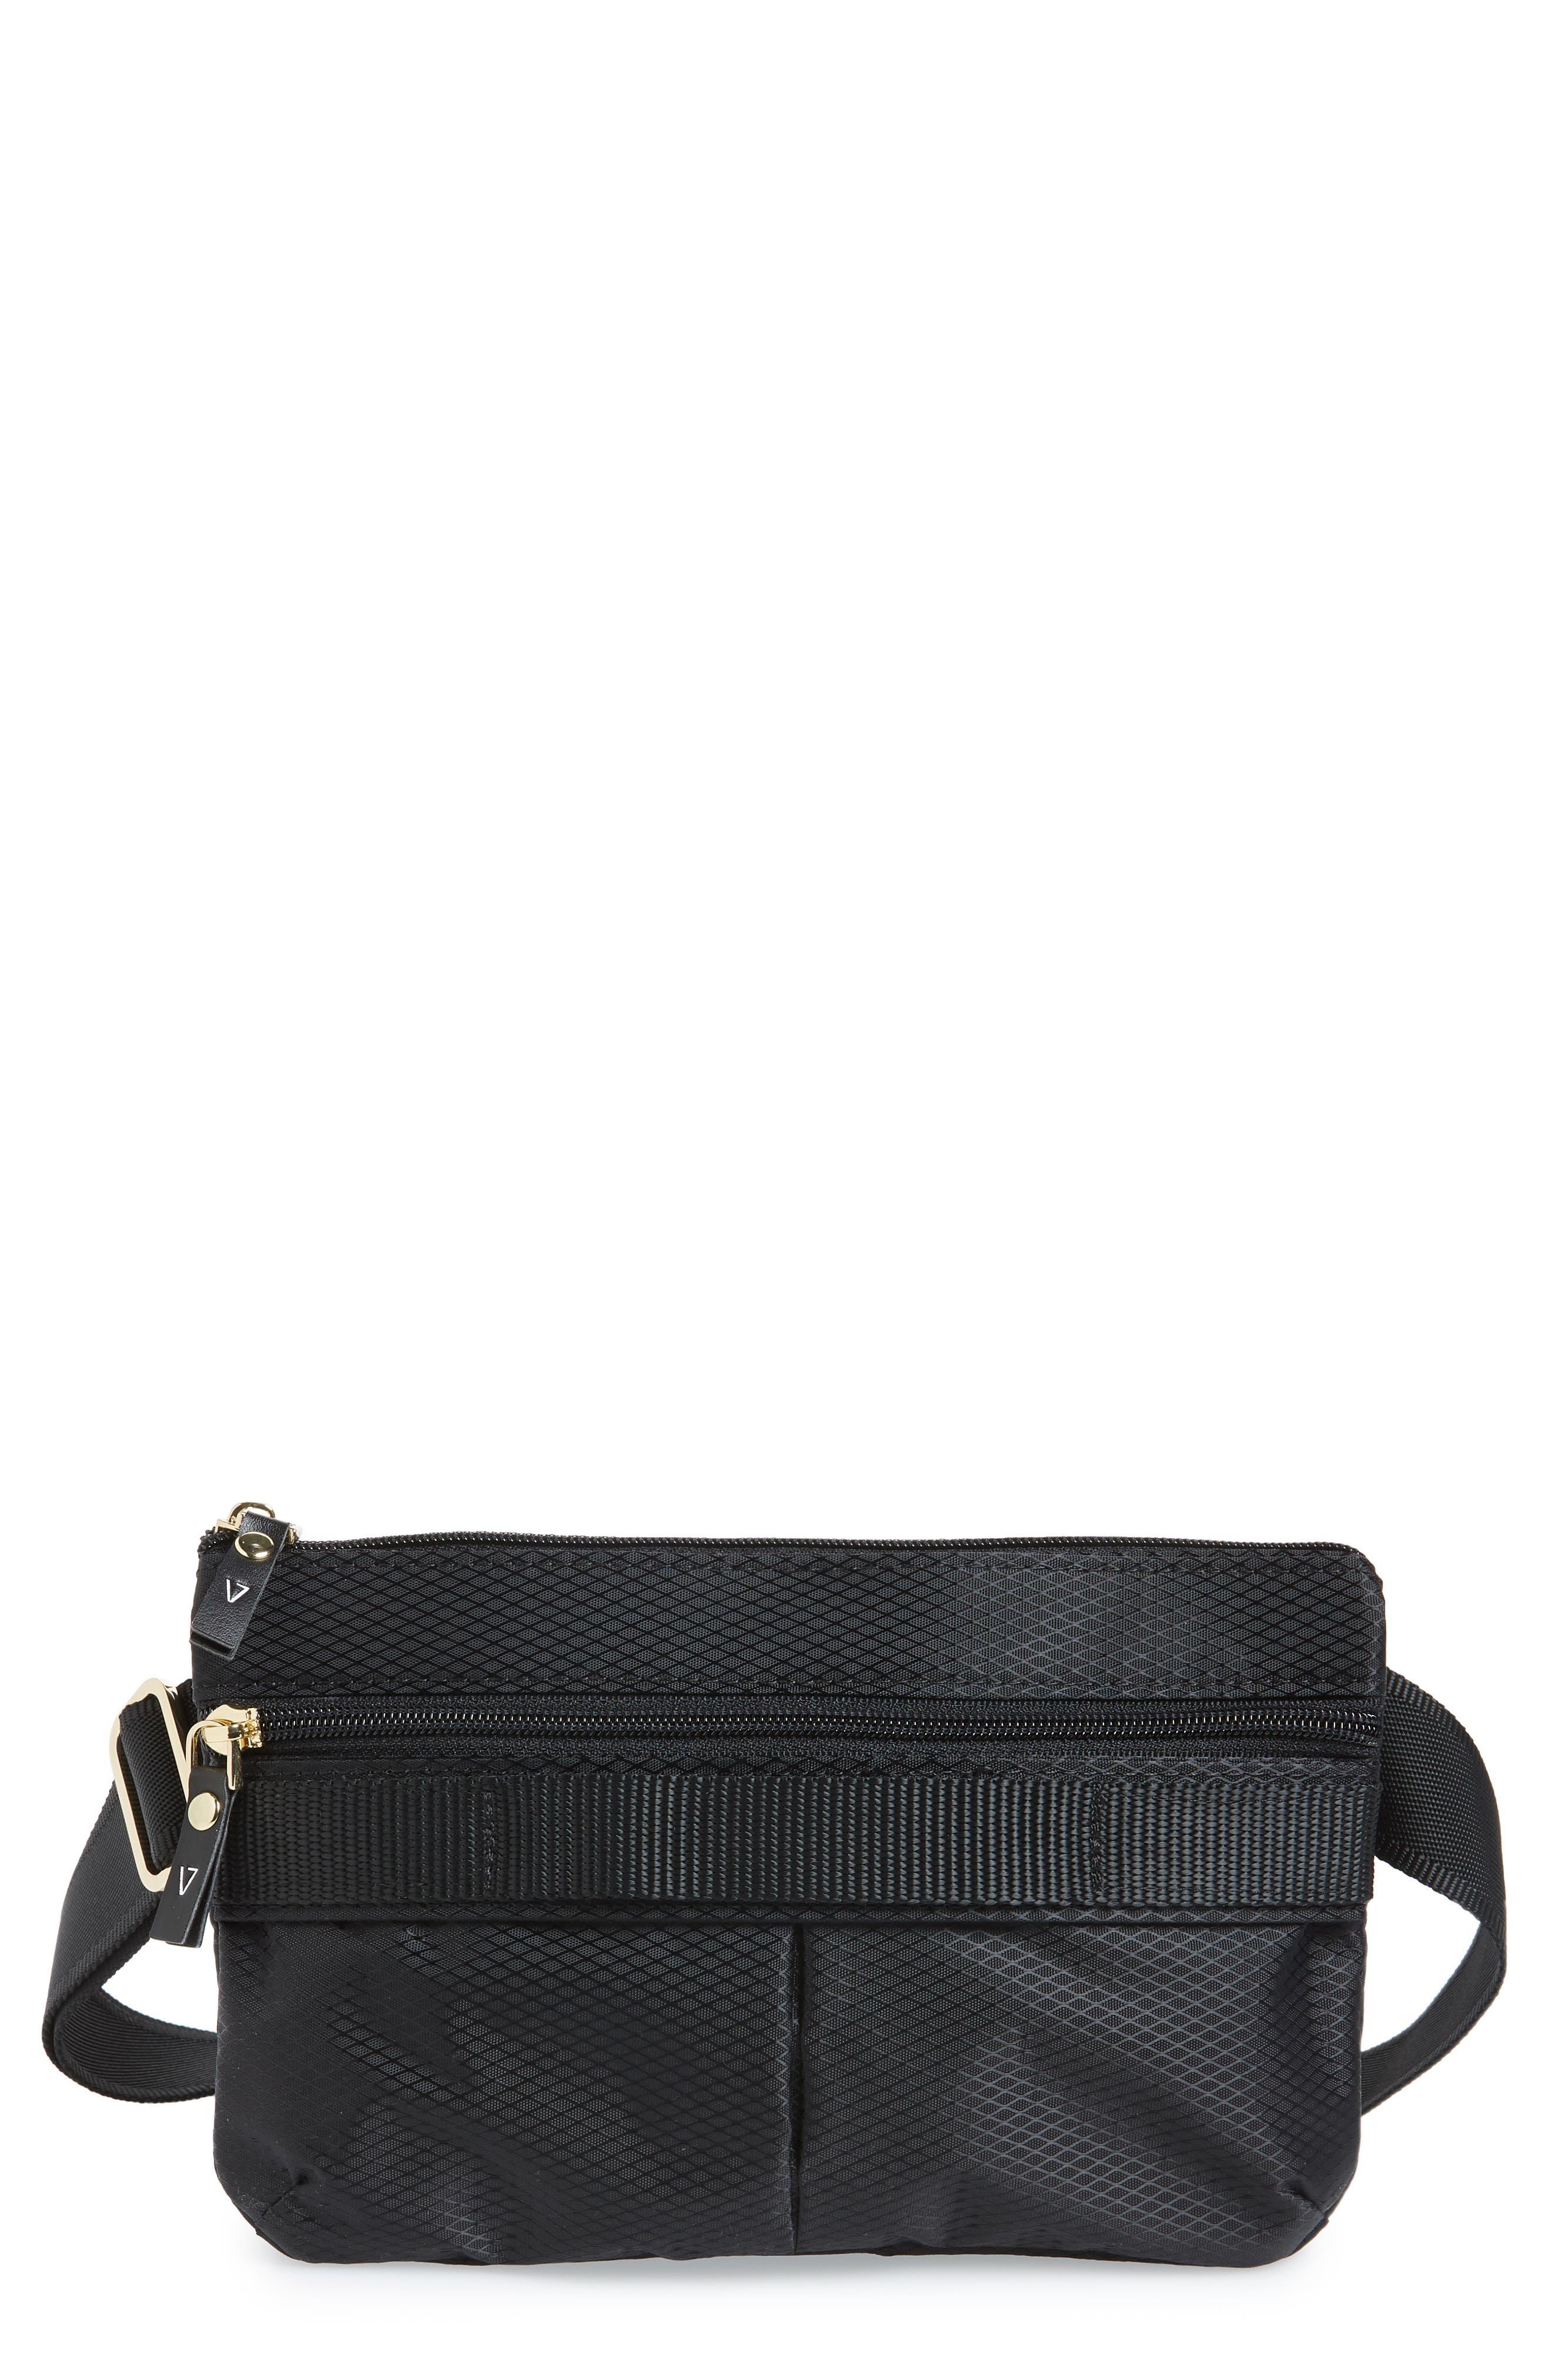 Go Black Expandable Belt Bag,                         Main,                         color, BLACK